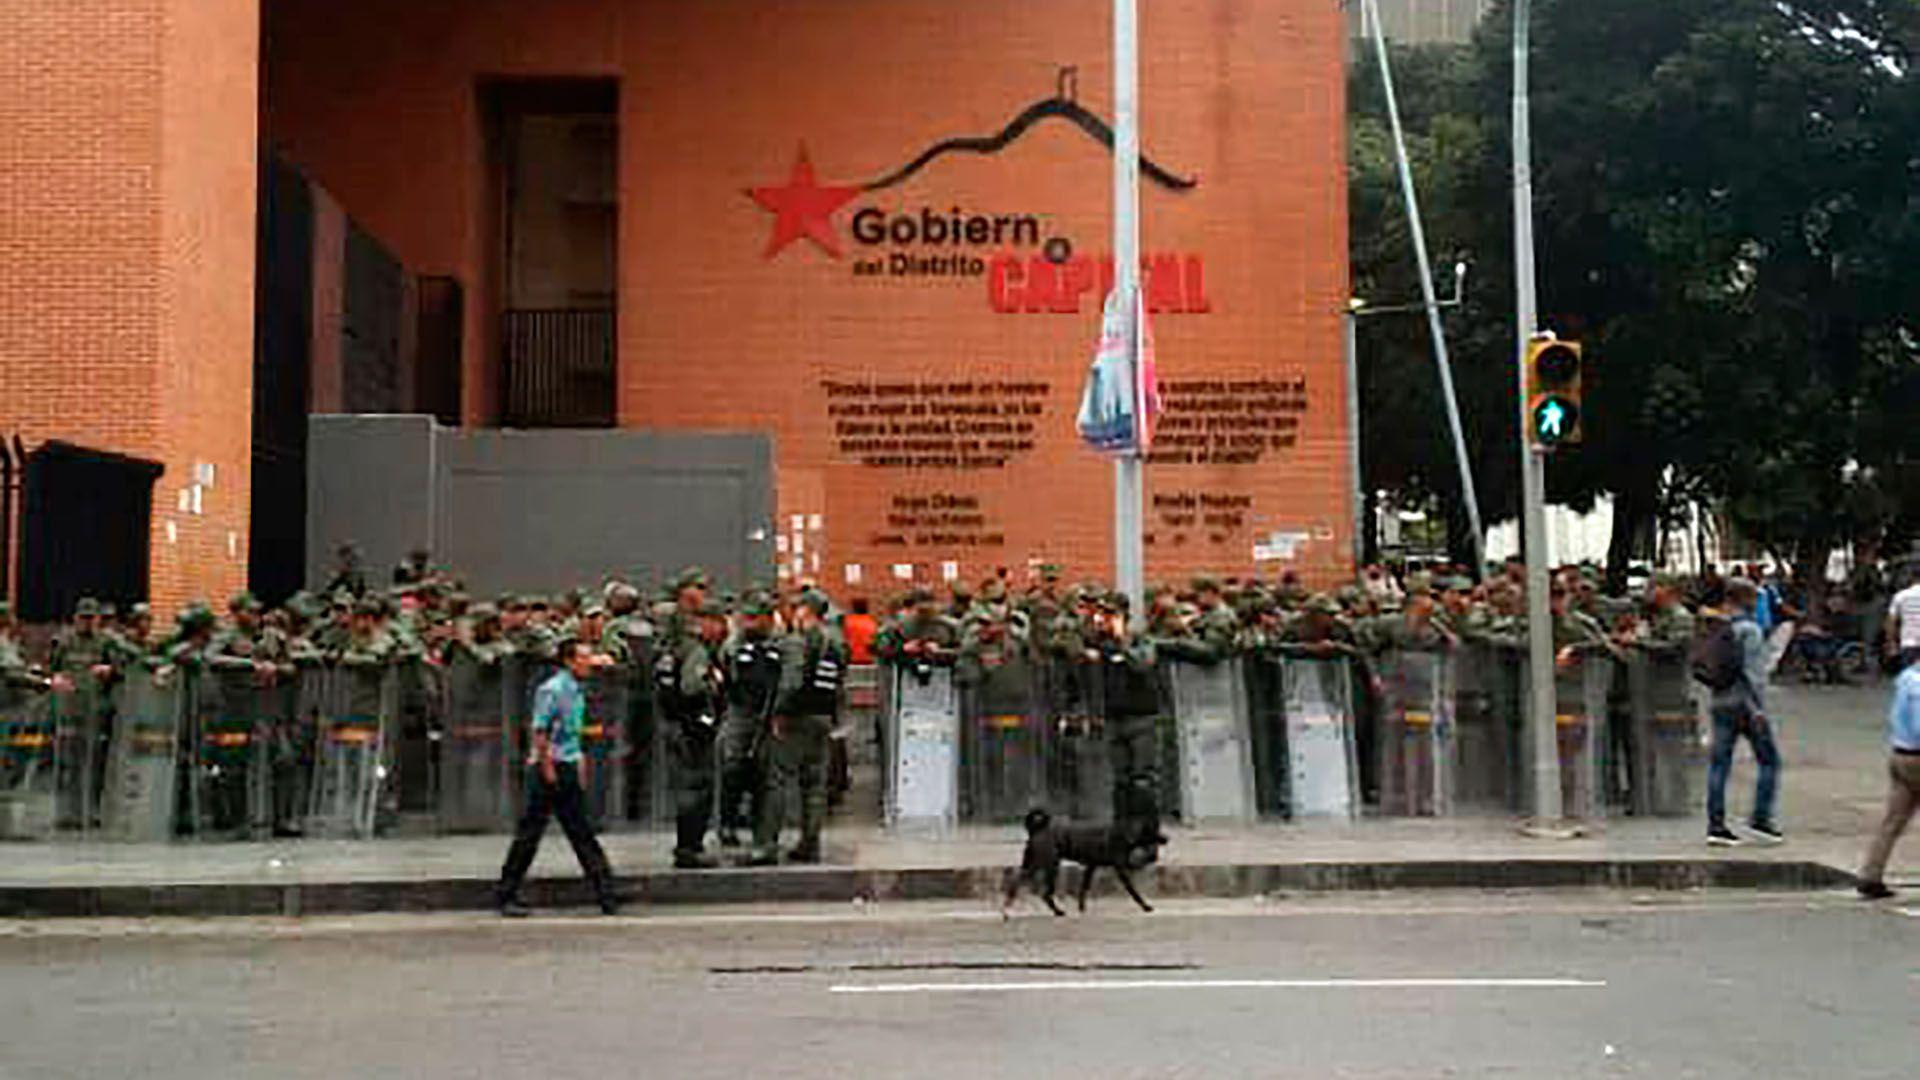 Hay fuerte presencia de la Guardia Nacional Bolivariana en los alrededores de la Asamblea Nacional (@AsambleaVE)